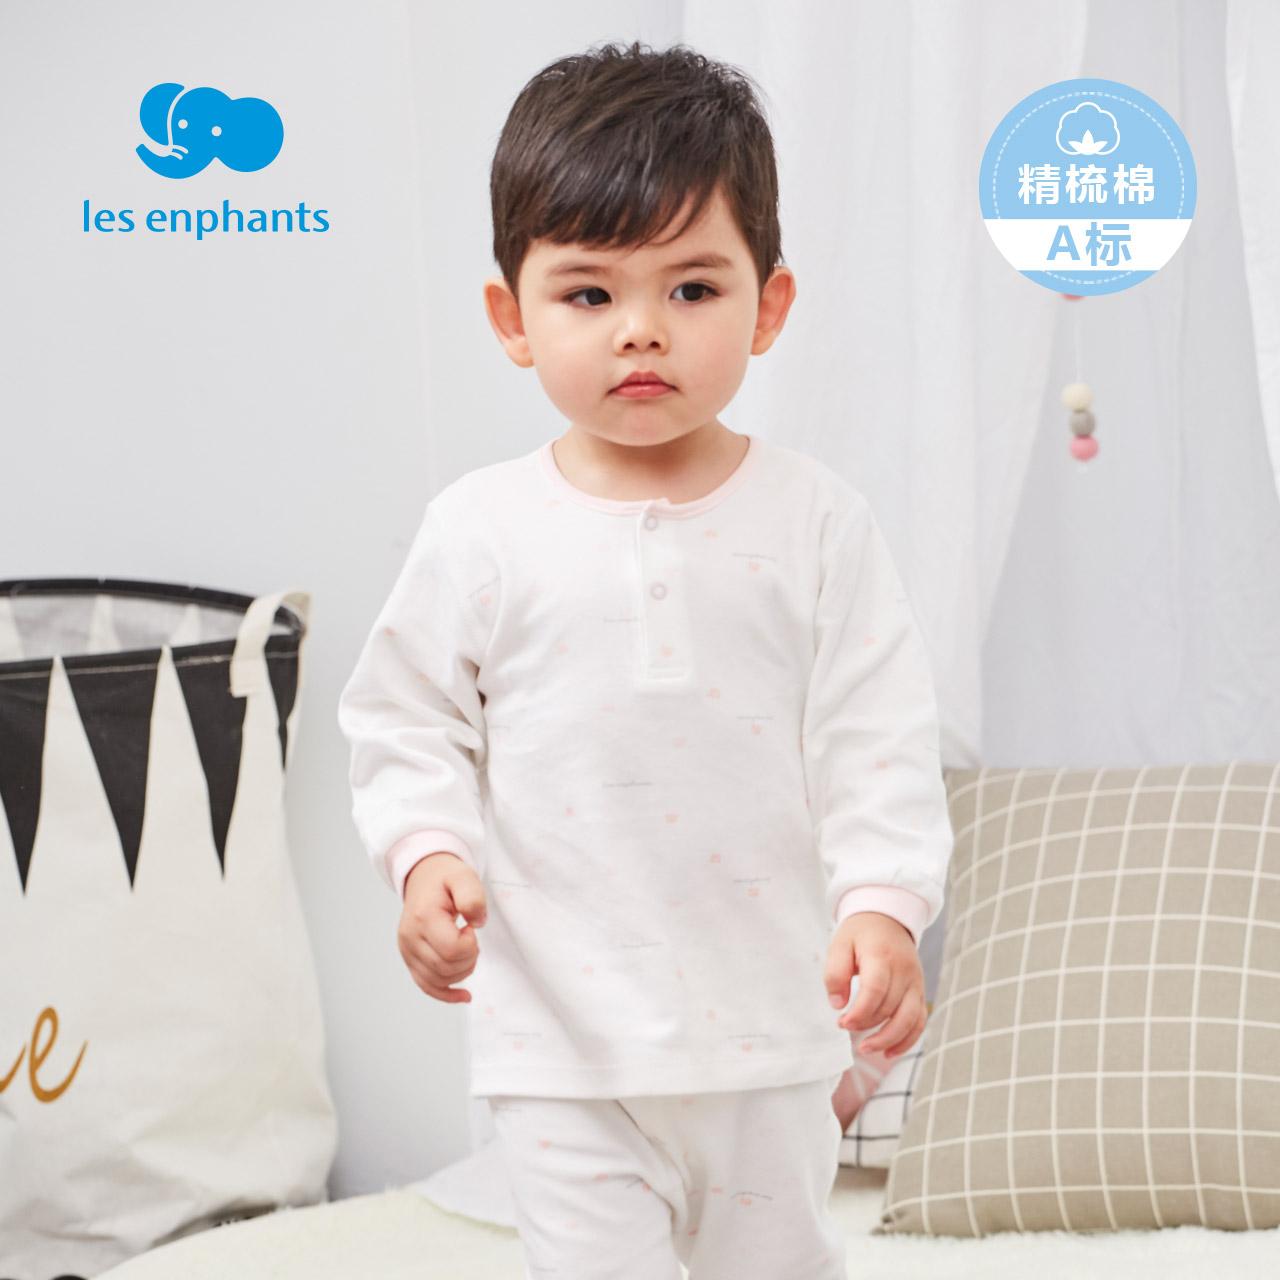 丽婴房初生婴儿衣服2018秋季新款宝宝纯棉内衣儿童长袖睡衣套装